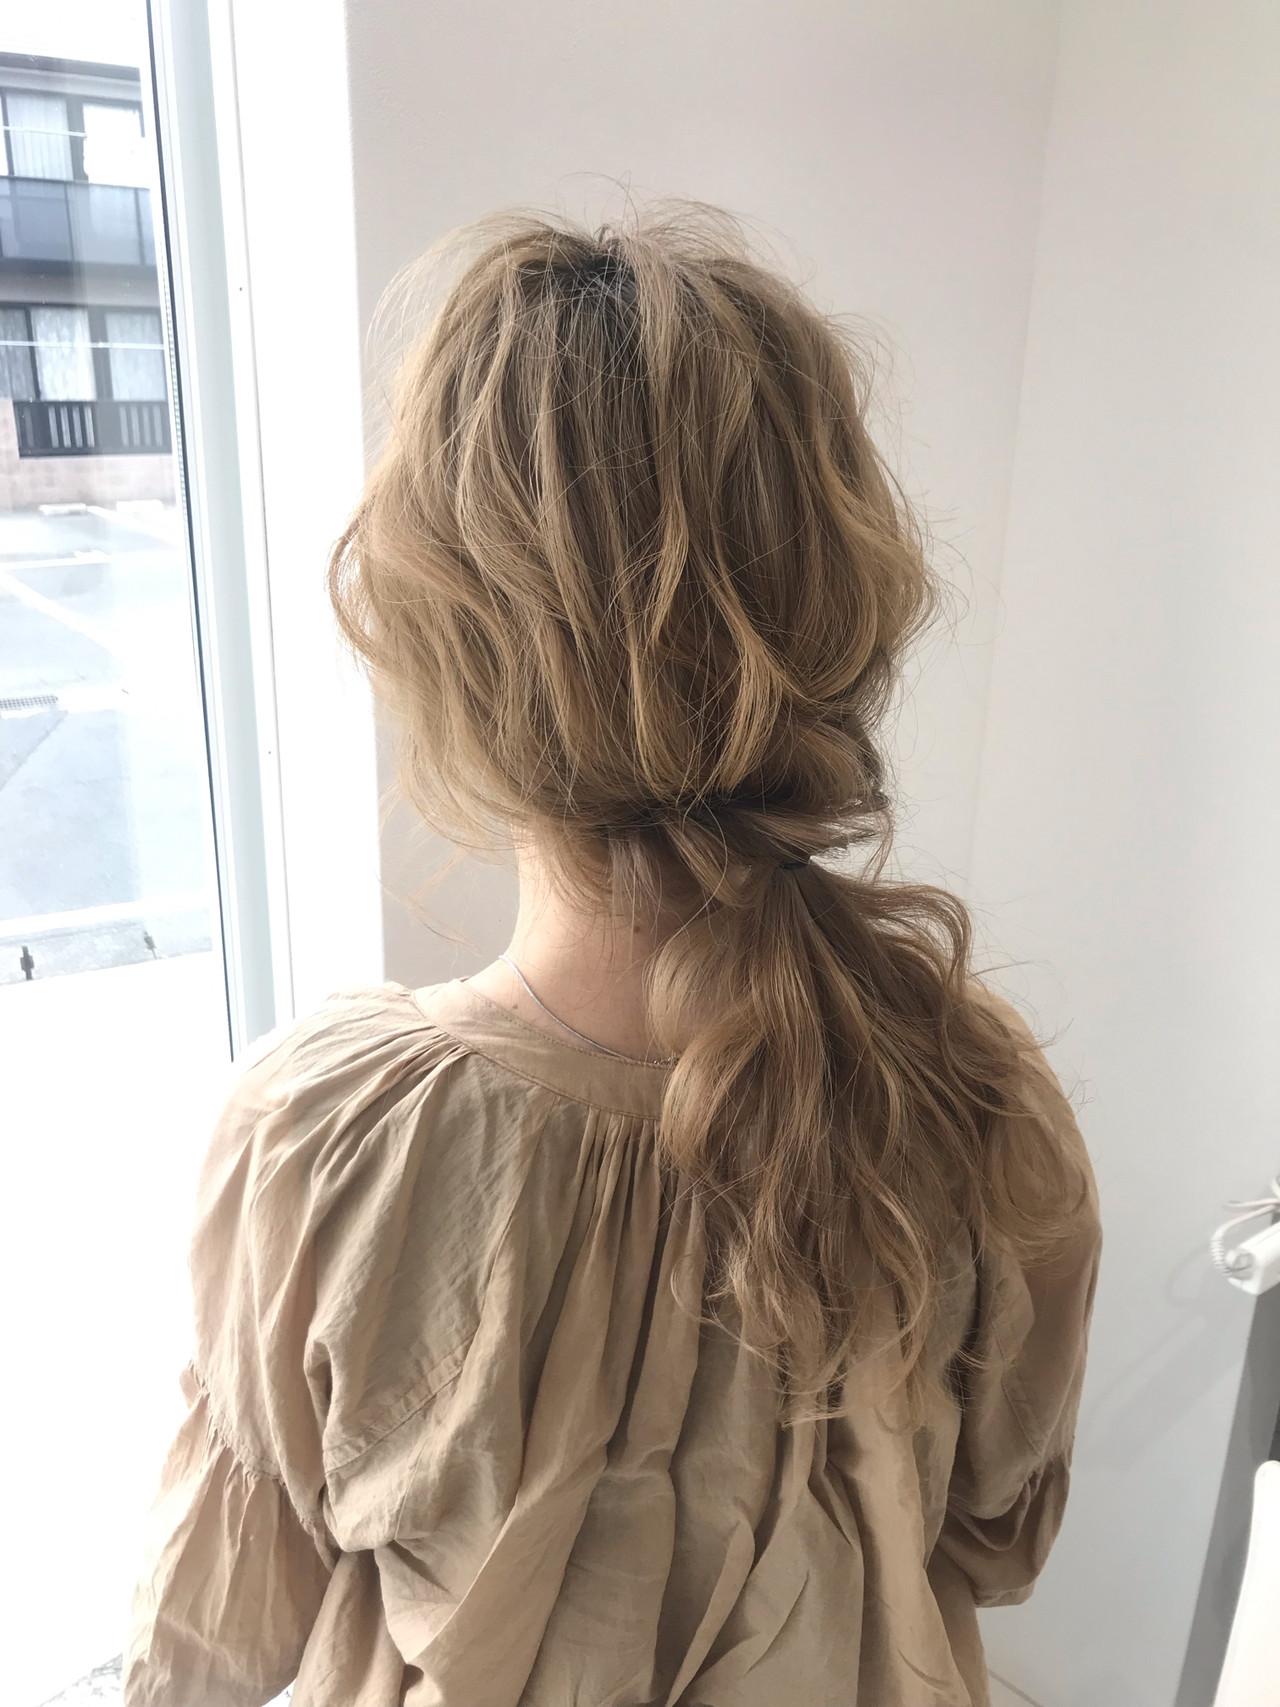 ミディアム 結婚式 デート 簡単ヘアアレンジヘアスタイルや髪型の写真・画像